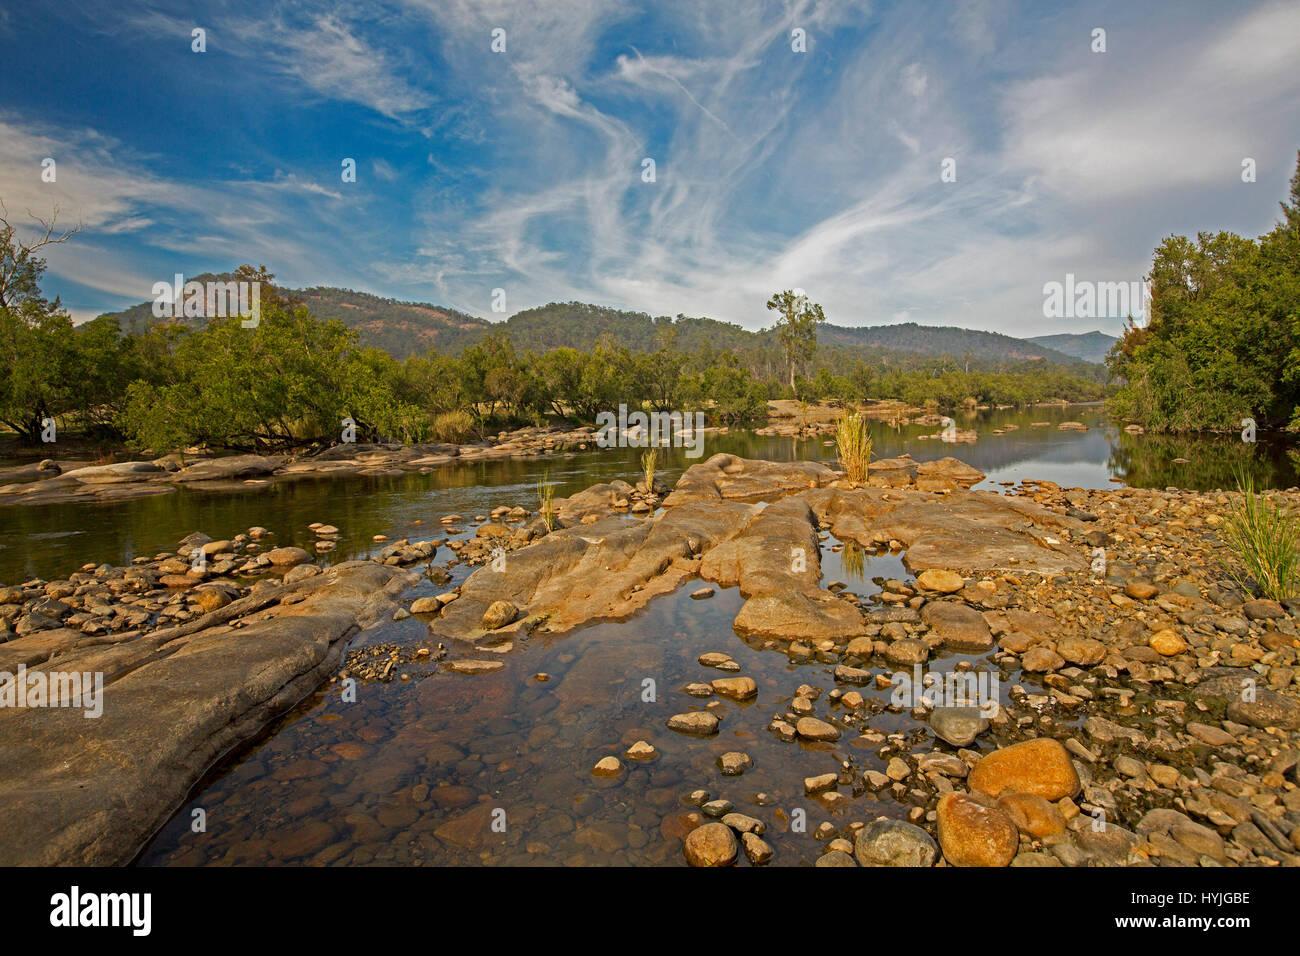 Panoramablick auf felsigen natürlich Mann Fluss gesäumt mit Wäldern & mit Reichweiten am Horizont Stockbild